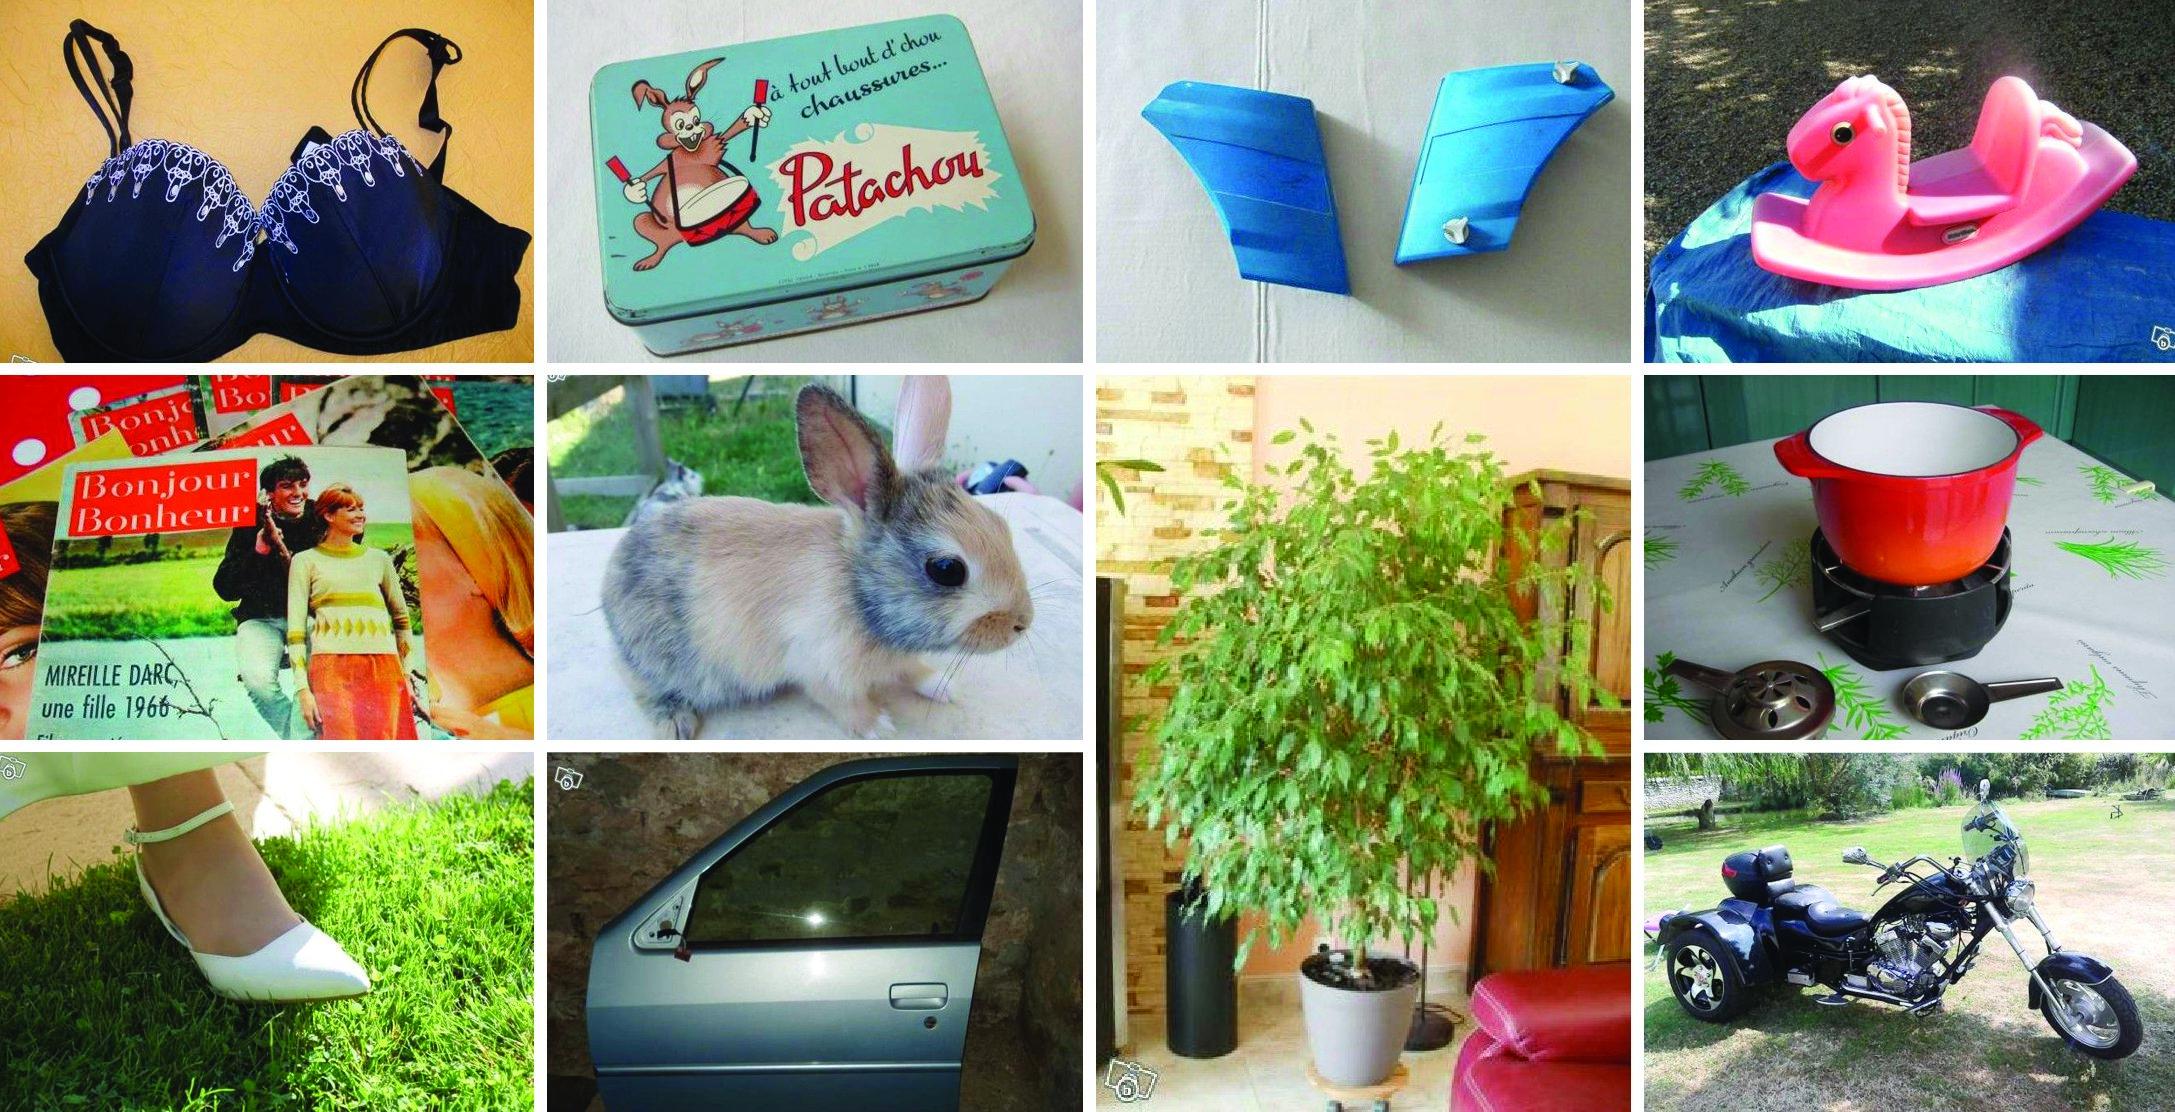 On trouve de tout sur leboncoin.fr, même des caches pour la mobylette 102, des lapins, une portière et un ficus.